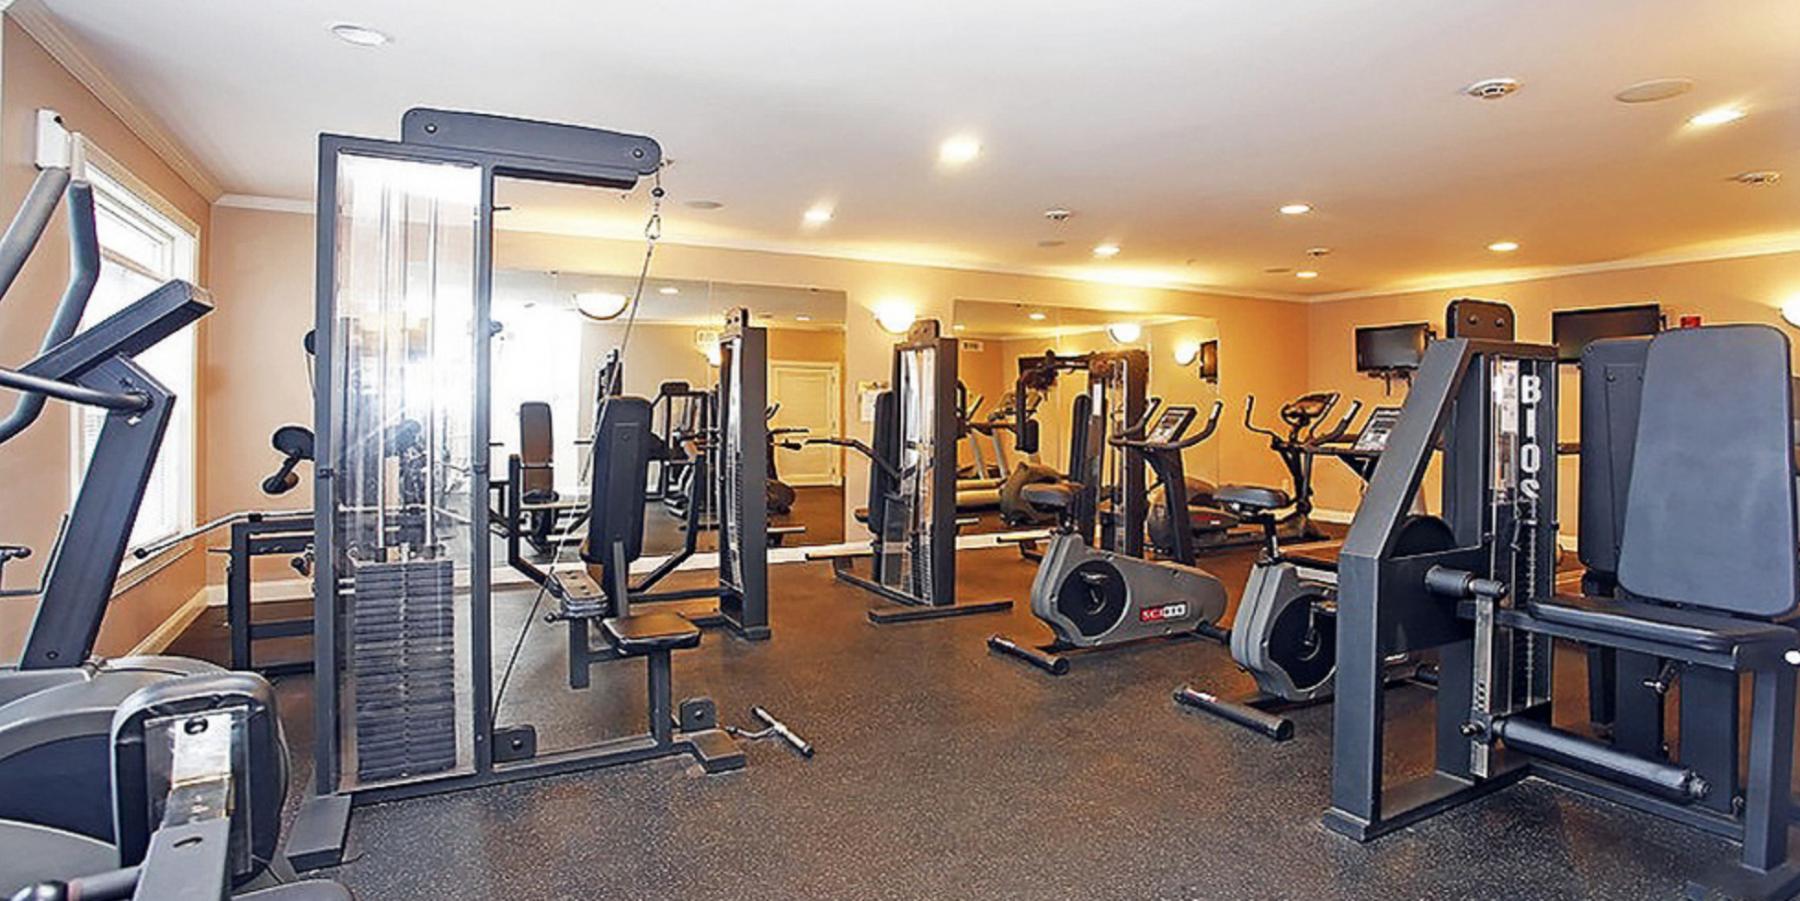 8 - Gym Area copy